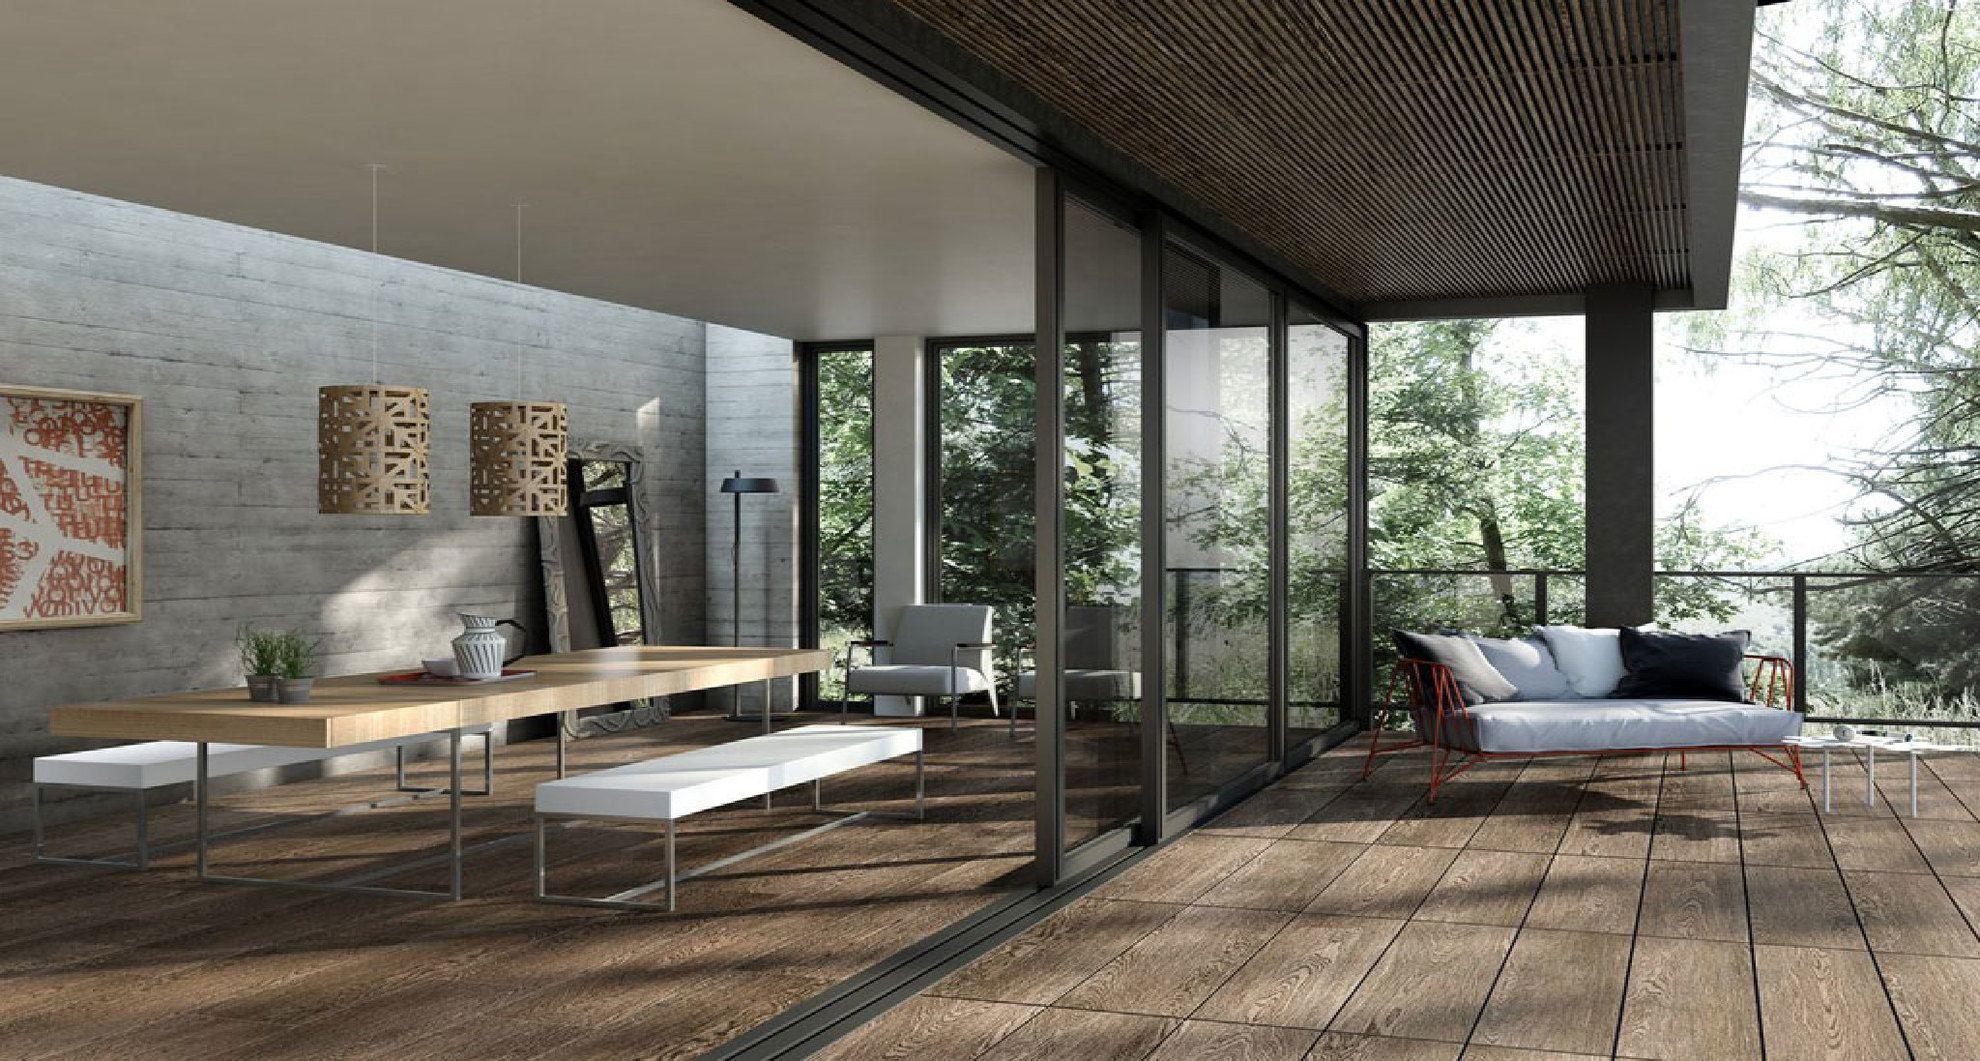 Baldosas de gres efecto madera para espacios interiores y exteriores floornature - Baldosas de madera para exterior ...